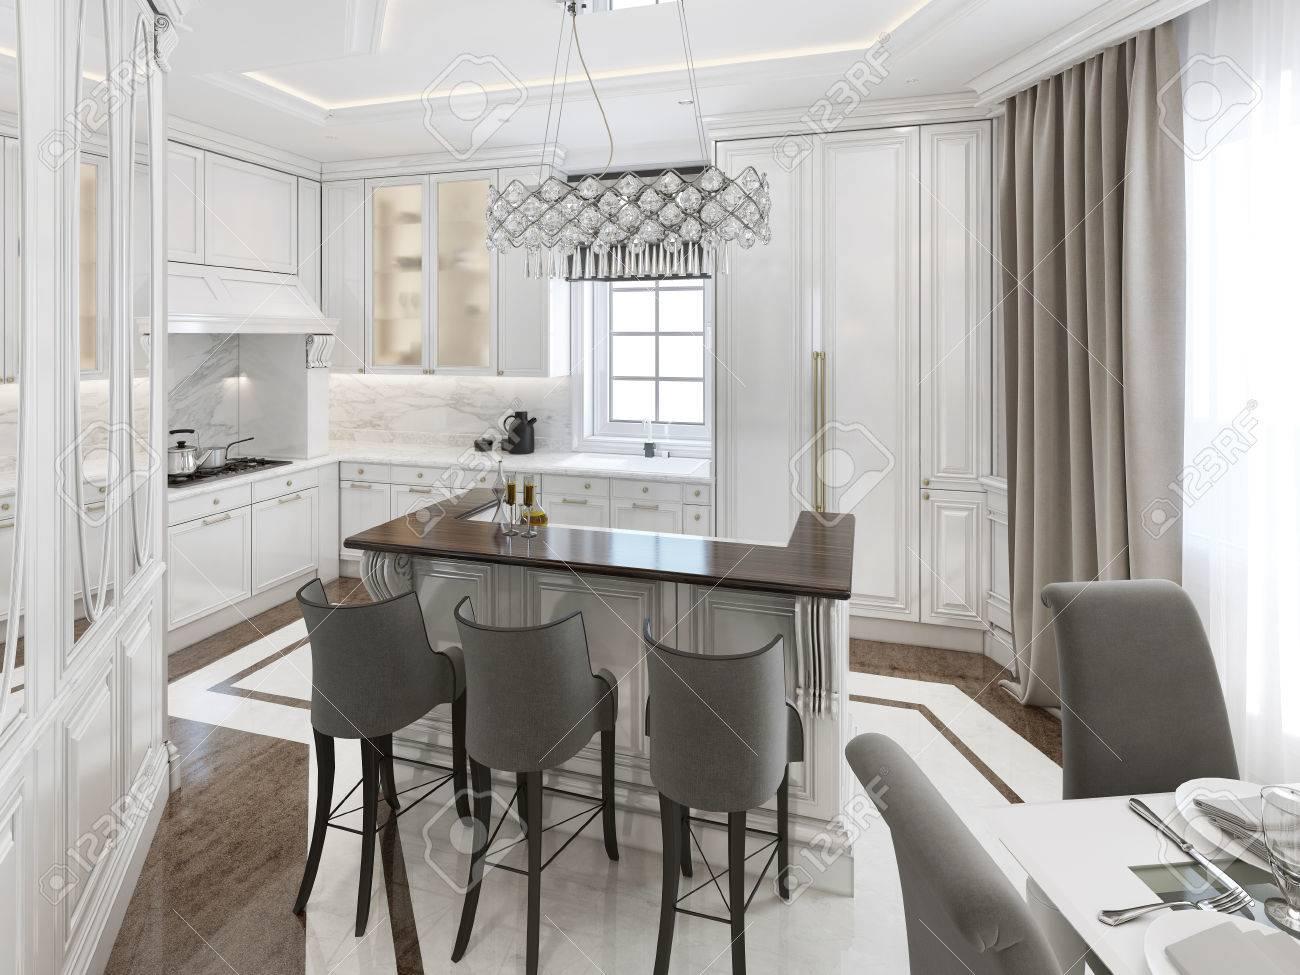 Cucina-sala Da Pranzo In Stile Art Deco. Rendering 3D Foto Royalty ...